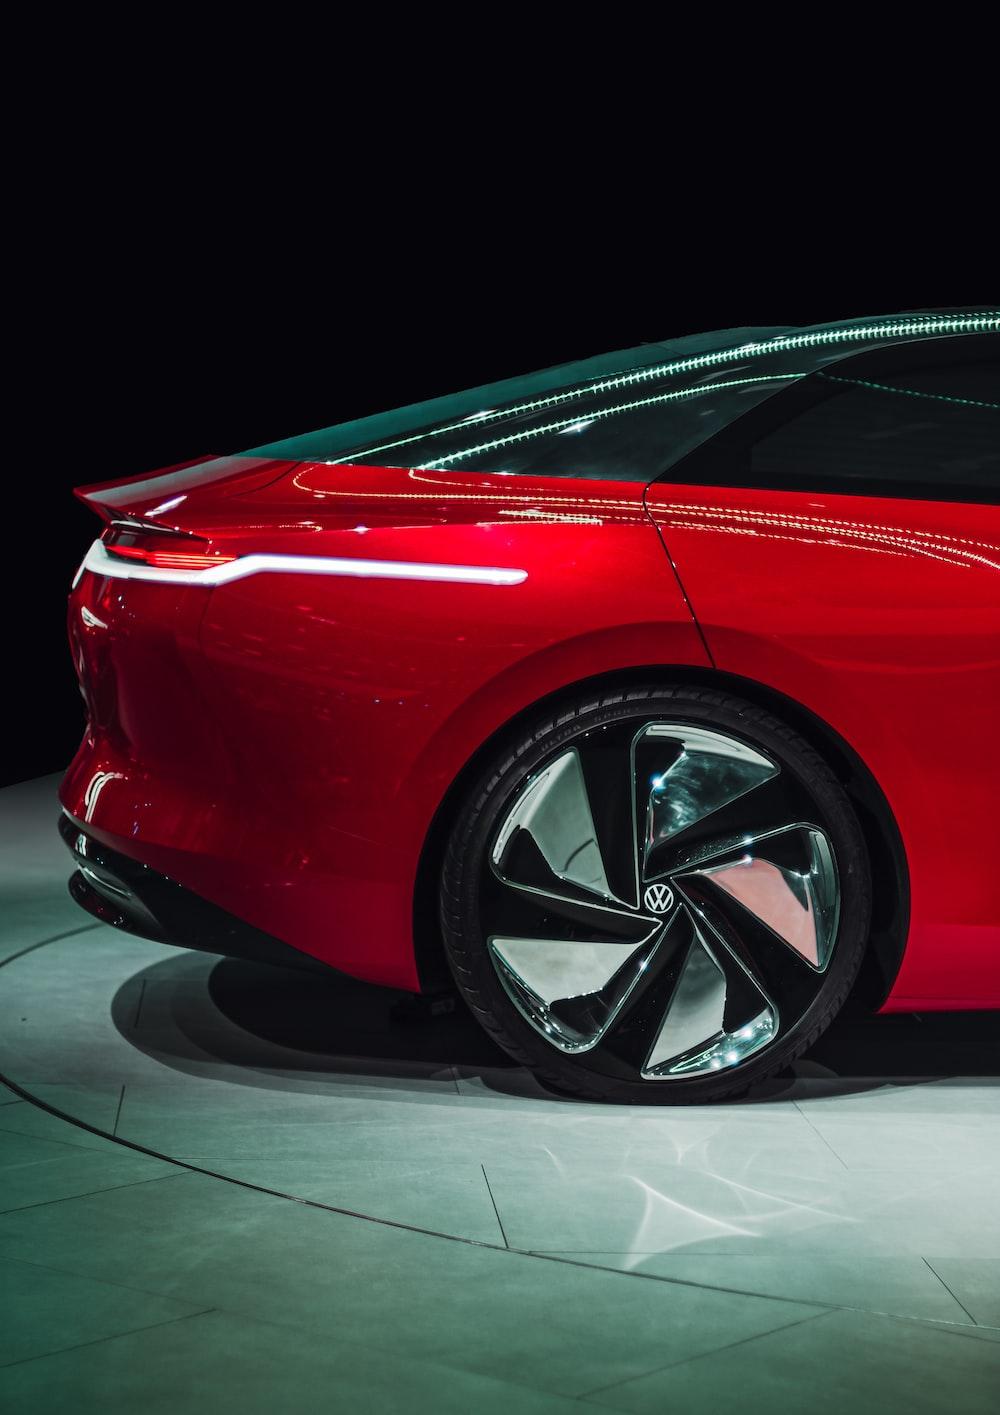 red Volkswagen sedan